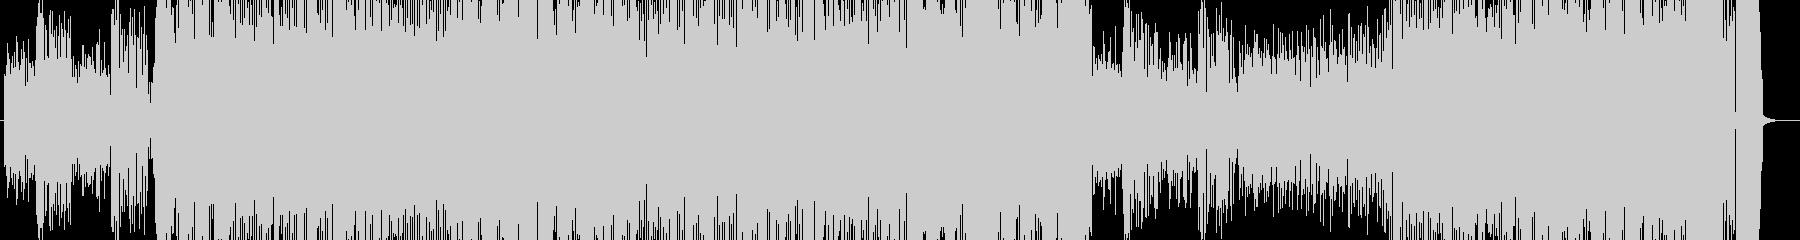 陽気なエレクトロスウィングの未再生の波形